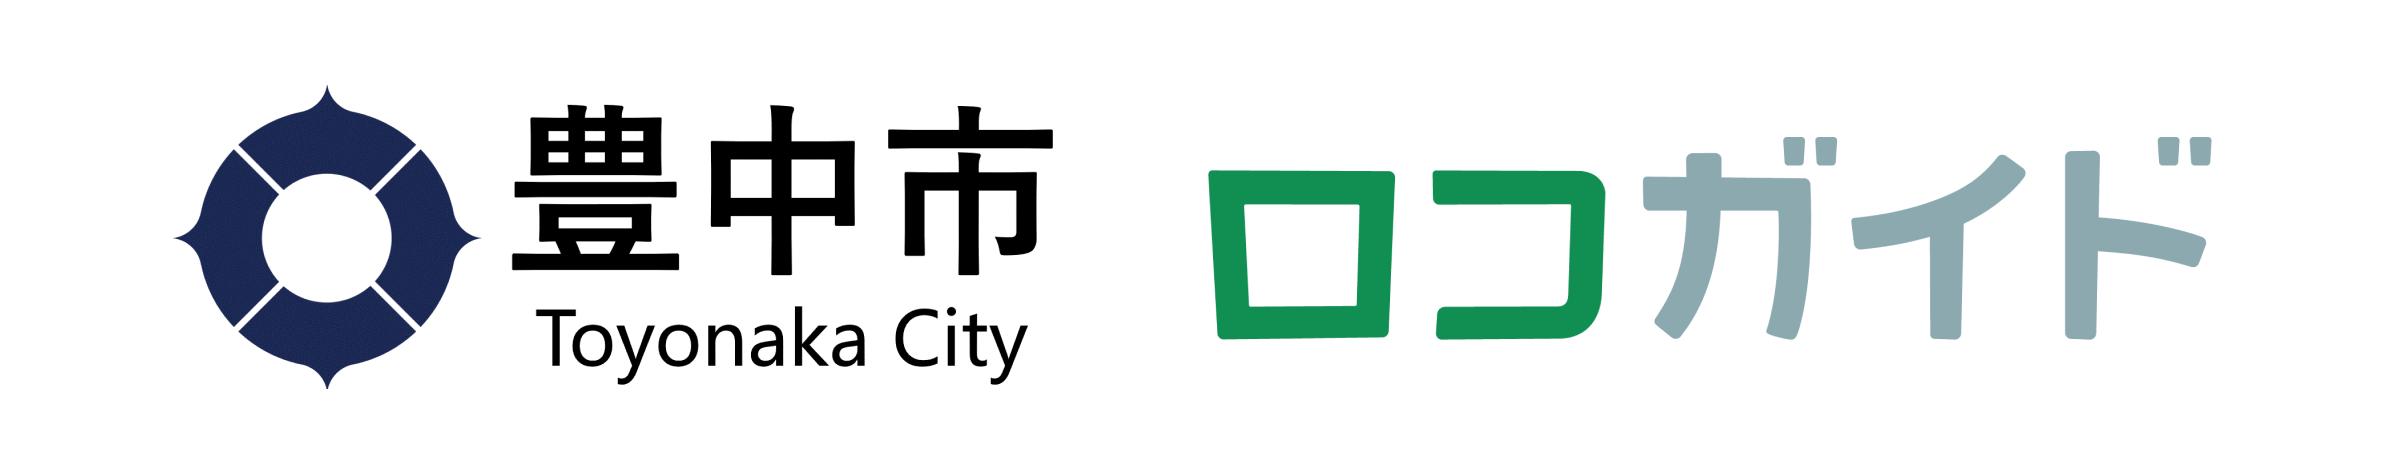 大阪府豊中市へ、混雑状況をリアルタイムに伝える「混雑ランプ」を提供